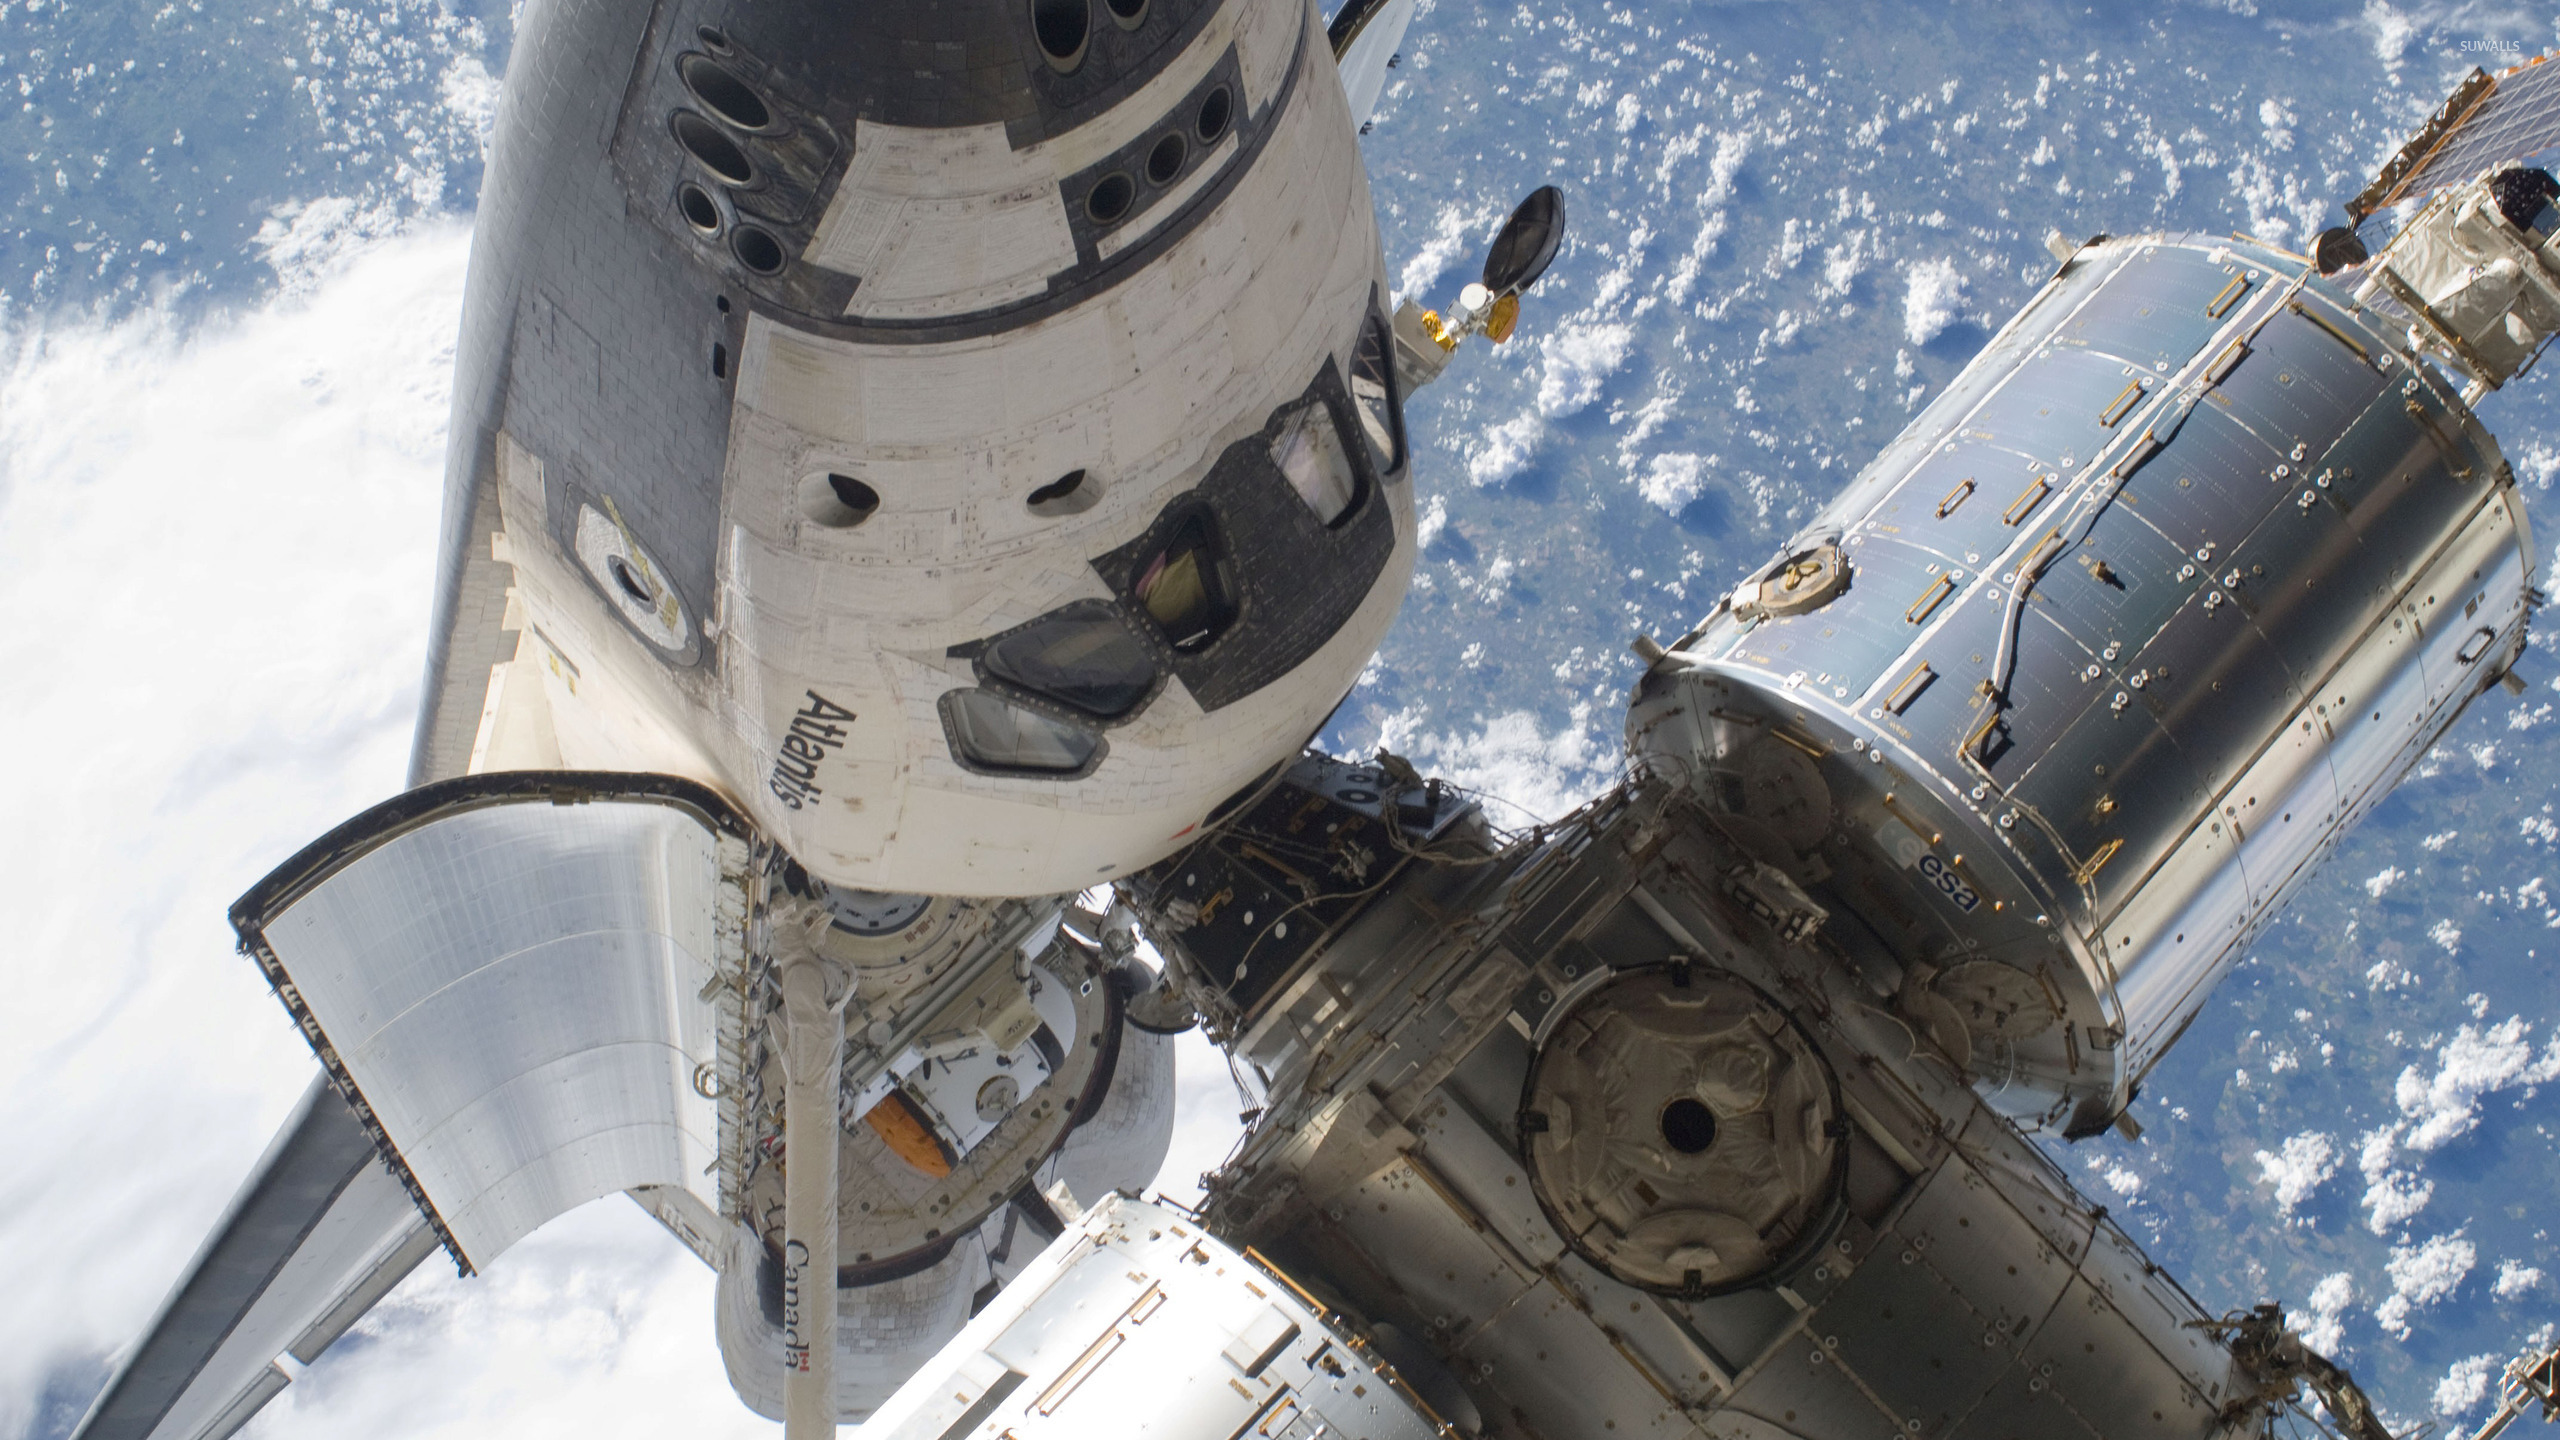 Space Shuttle Atlantis in orbit wallpaper - Space ...